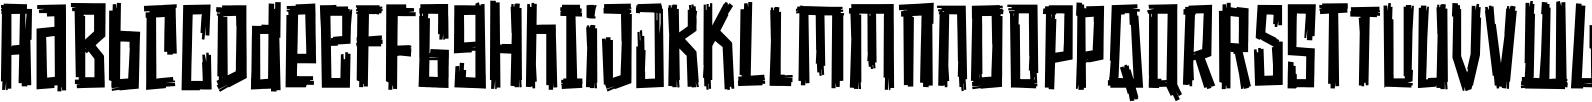 Afolkalips